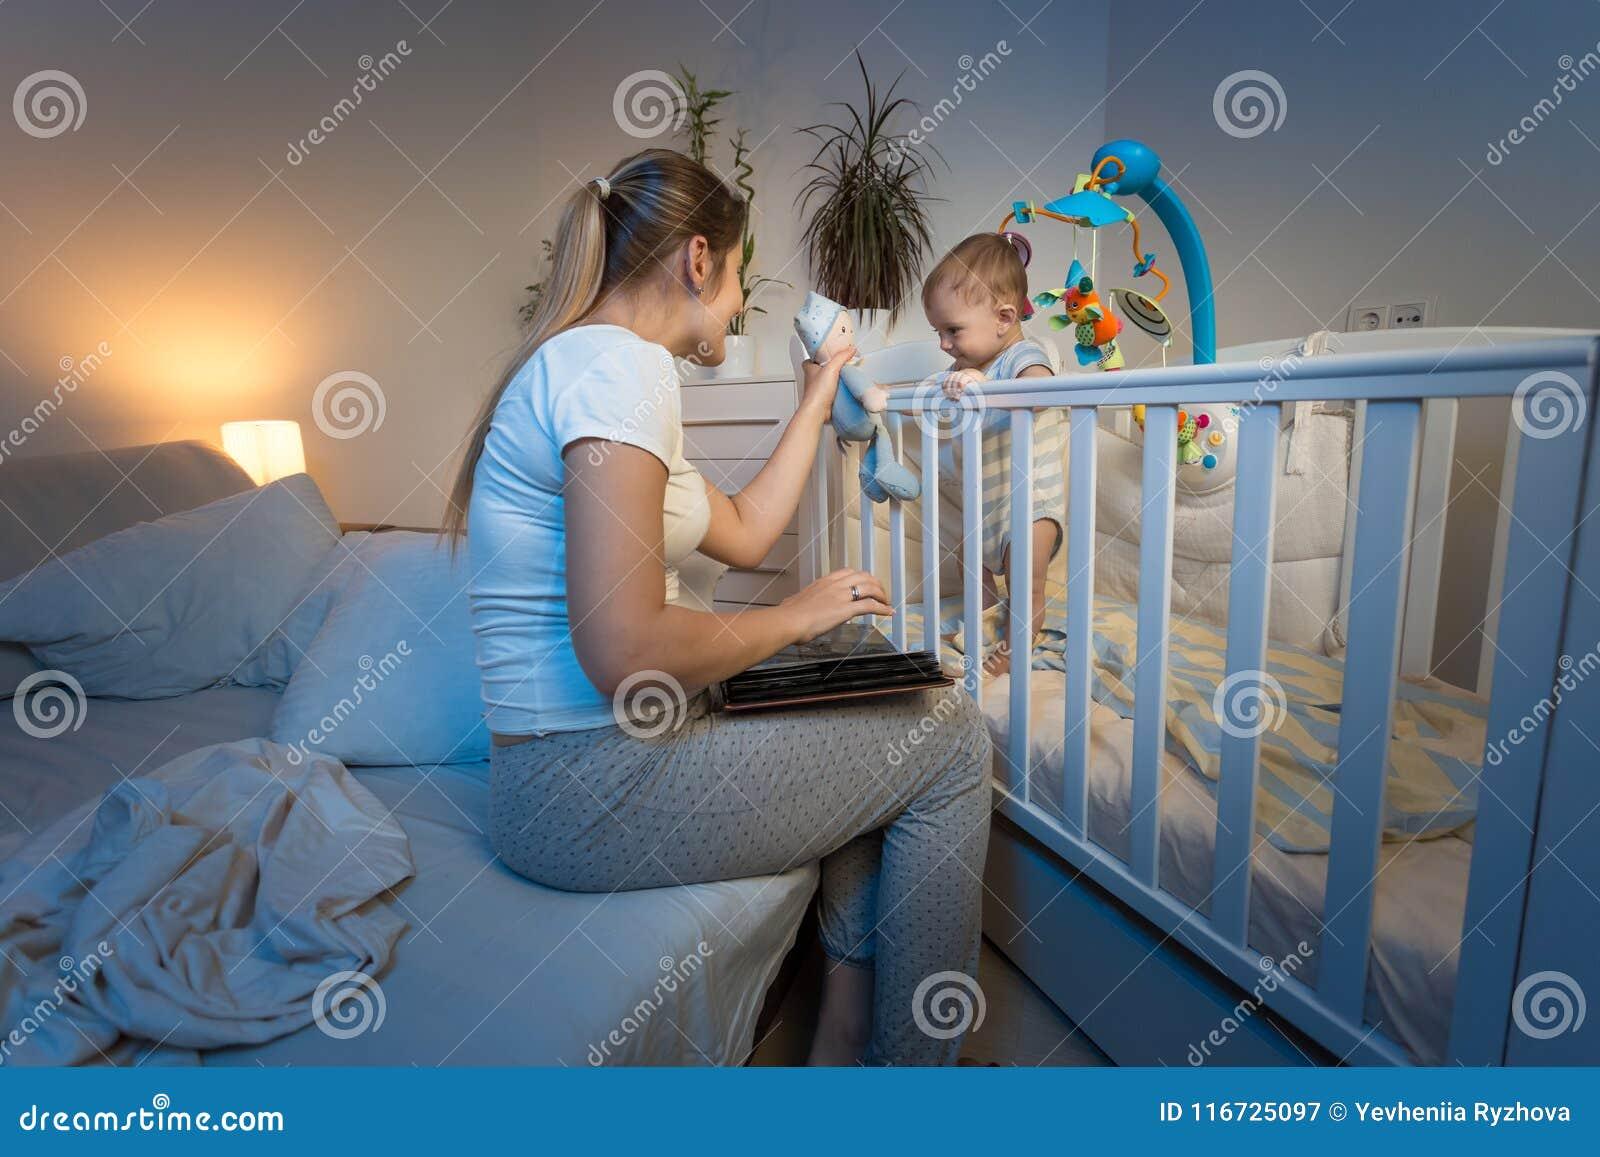 给玩具的美好的年轻母亲阅读书aand她的站立在轻便小床的小儿子在晚上